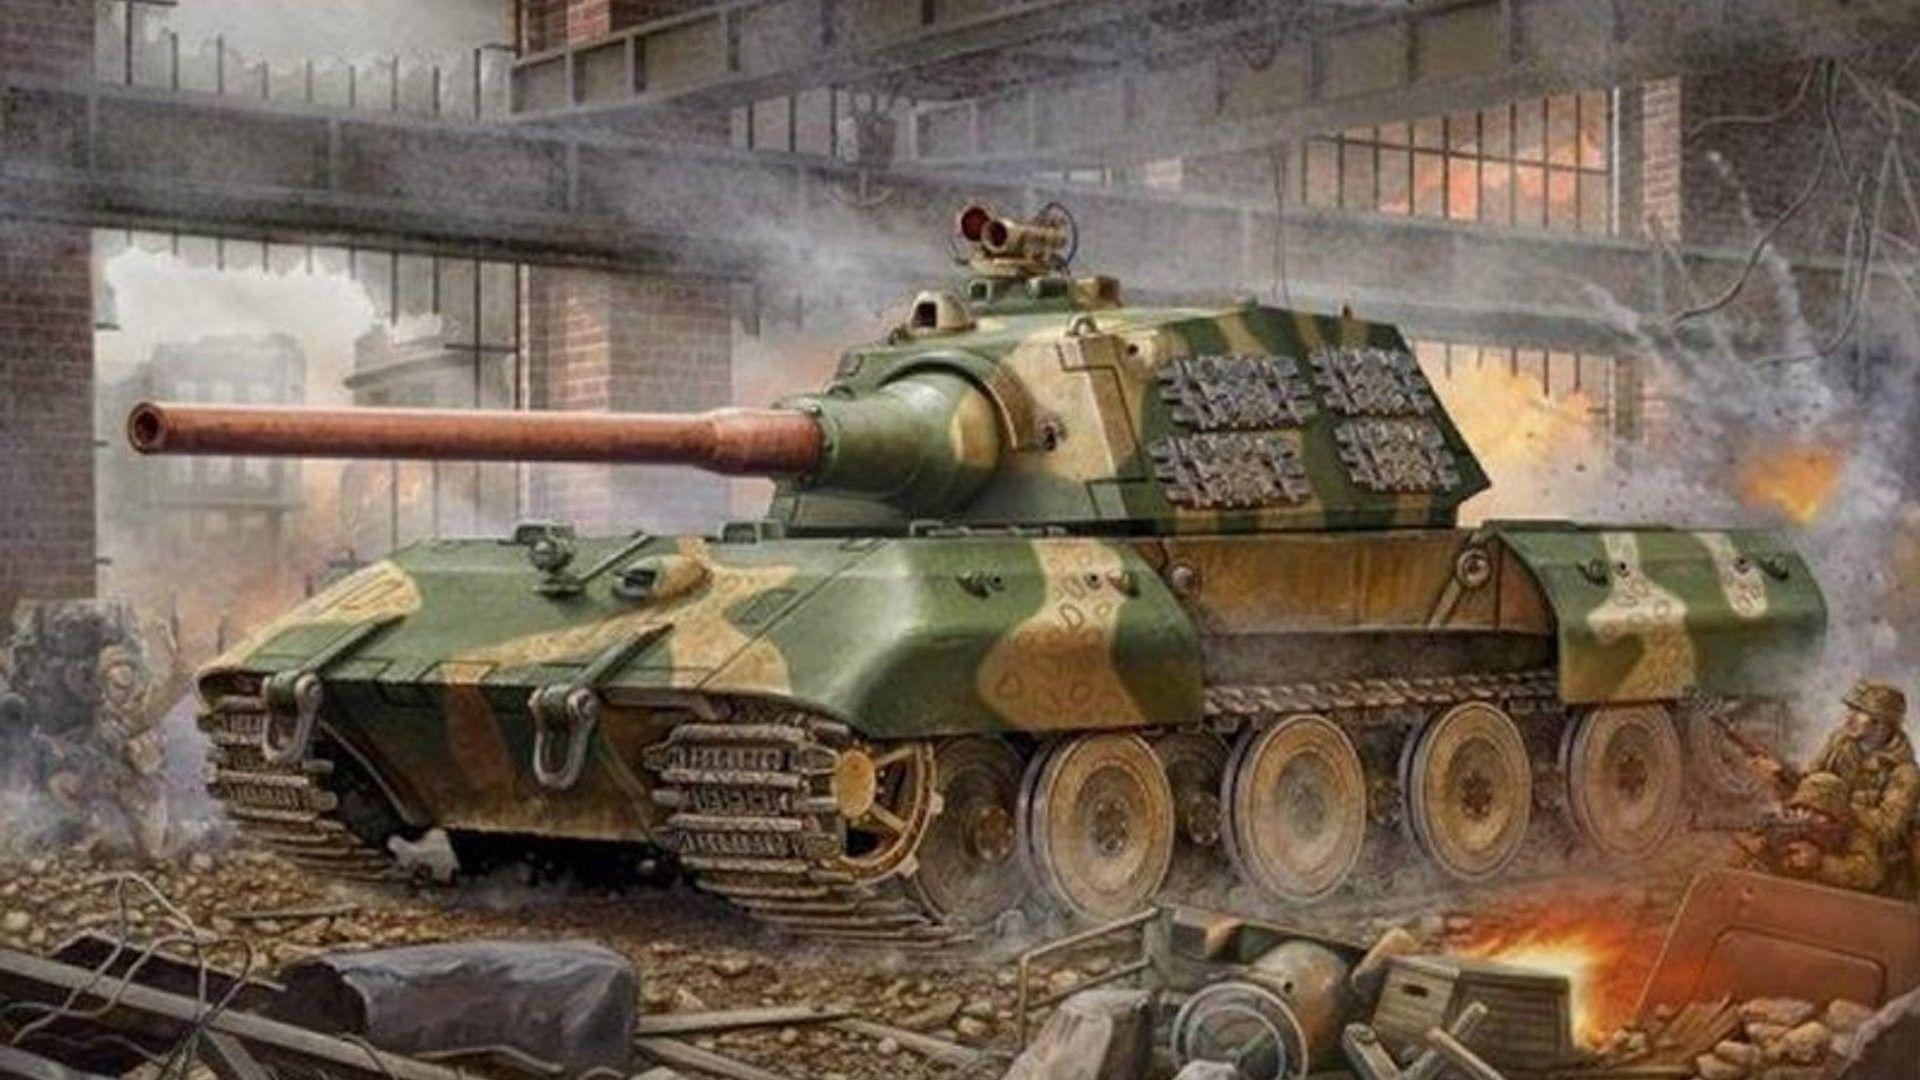 Panzerkampfwagen E-100 wallpaper - Free Wide HD Wallpaper ...